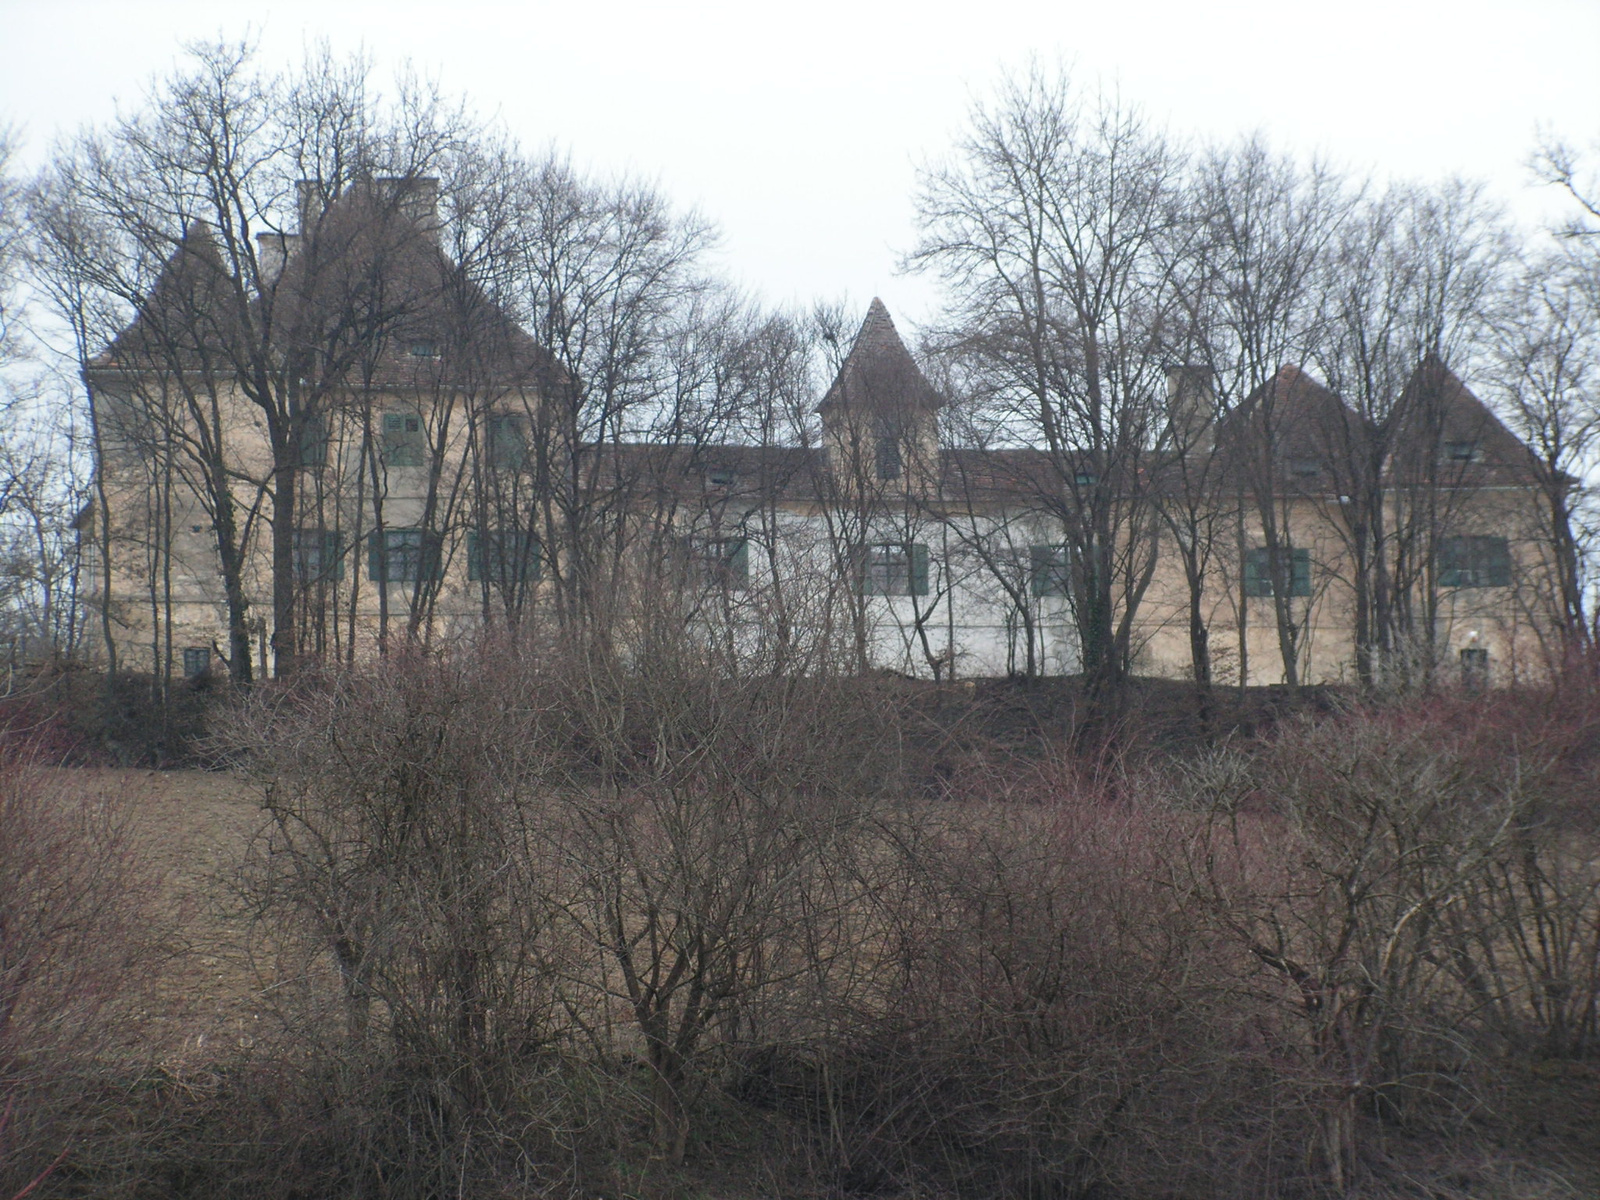 Hohenbrugg - Weinberg, Schloß Hohenbrugg, SzG3